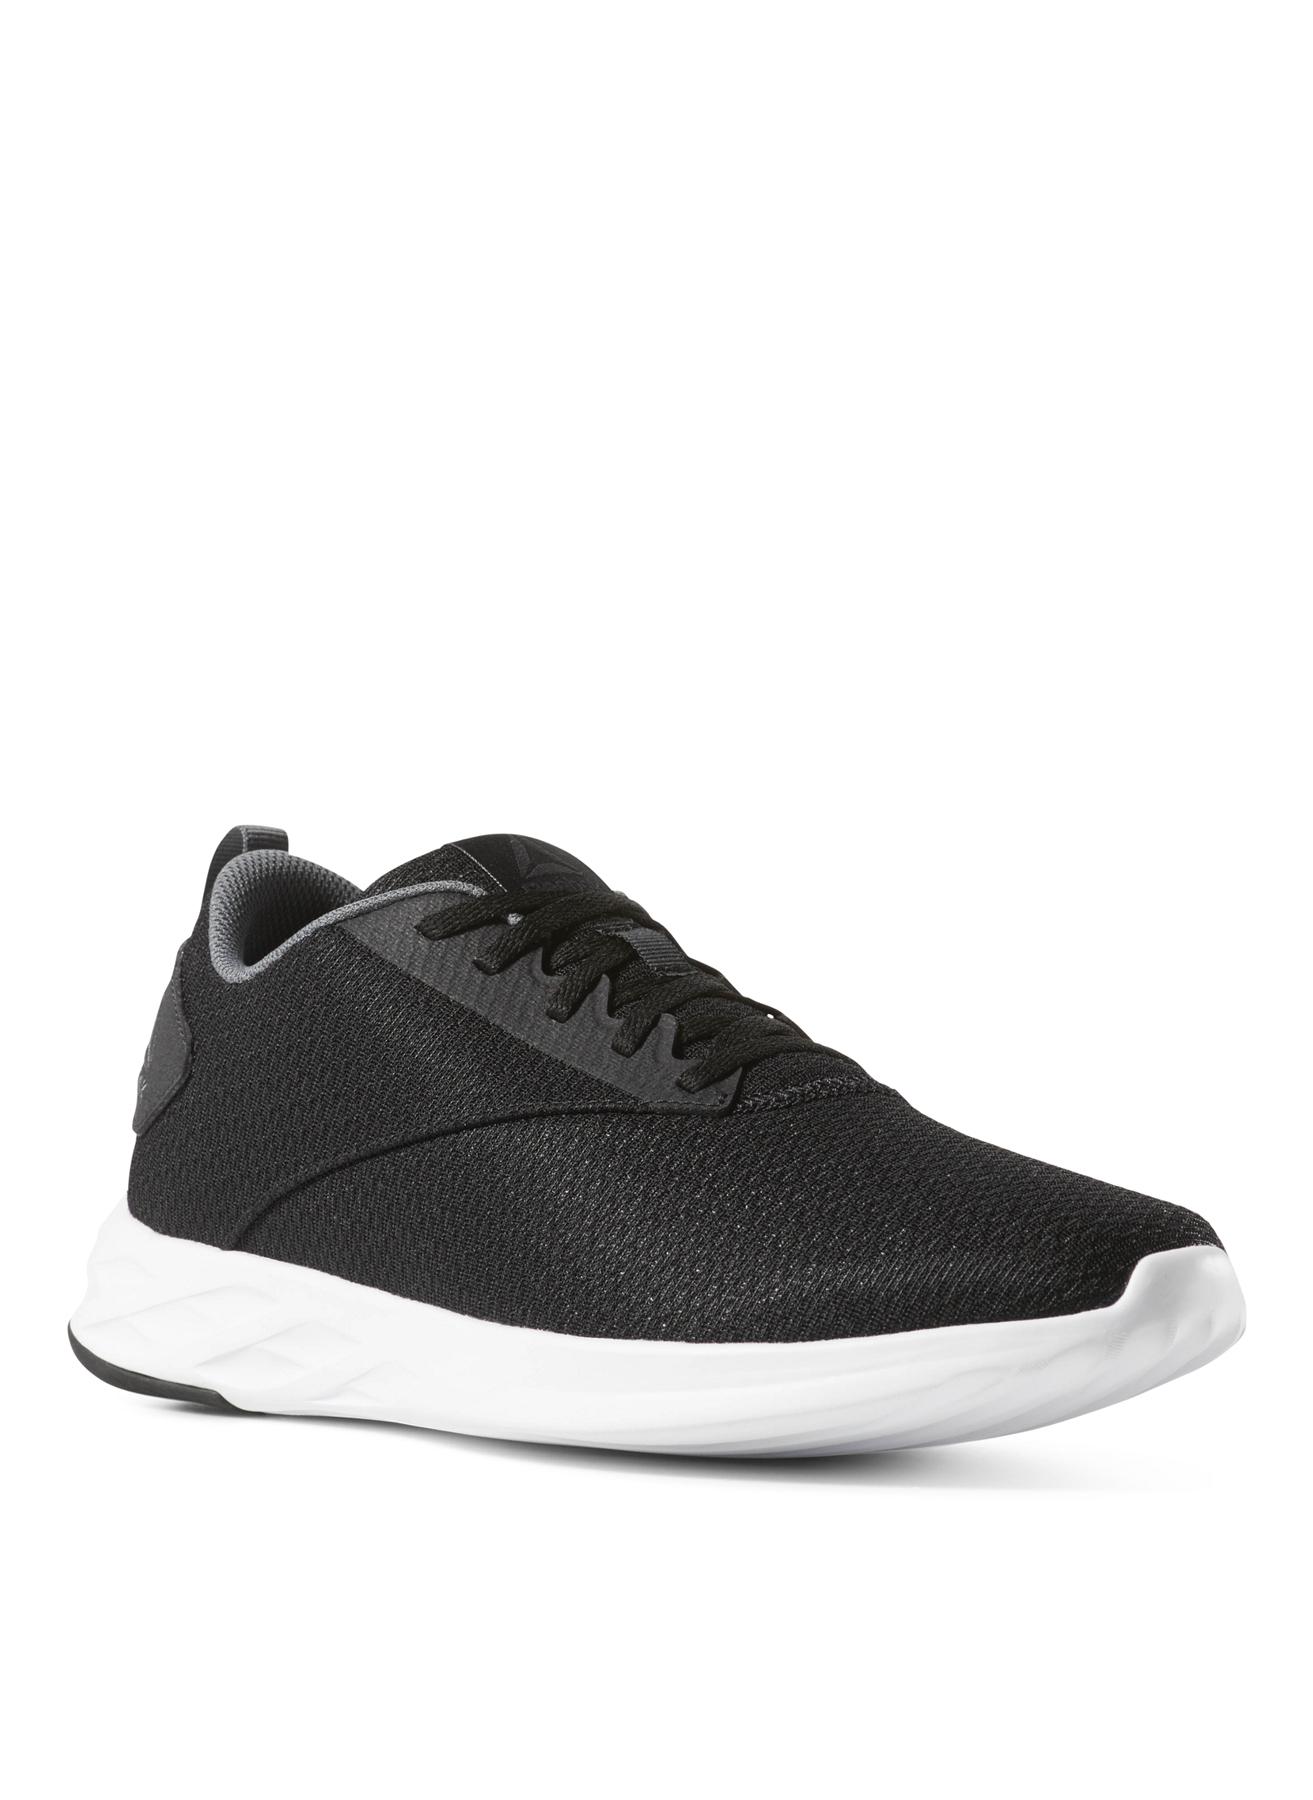 Reebok Koşu Ayakkabısı 43 5002359538004 Ürün Resmi